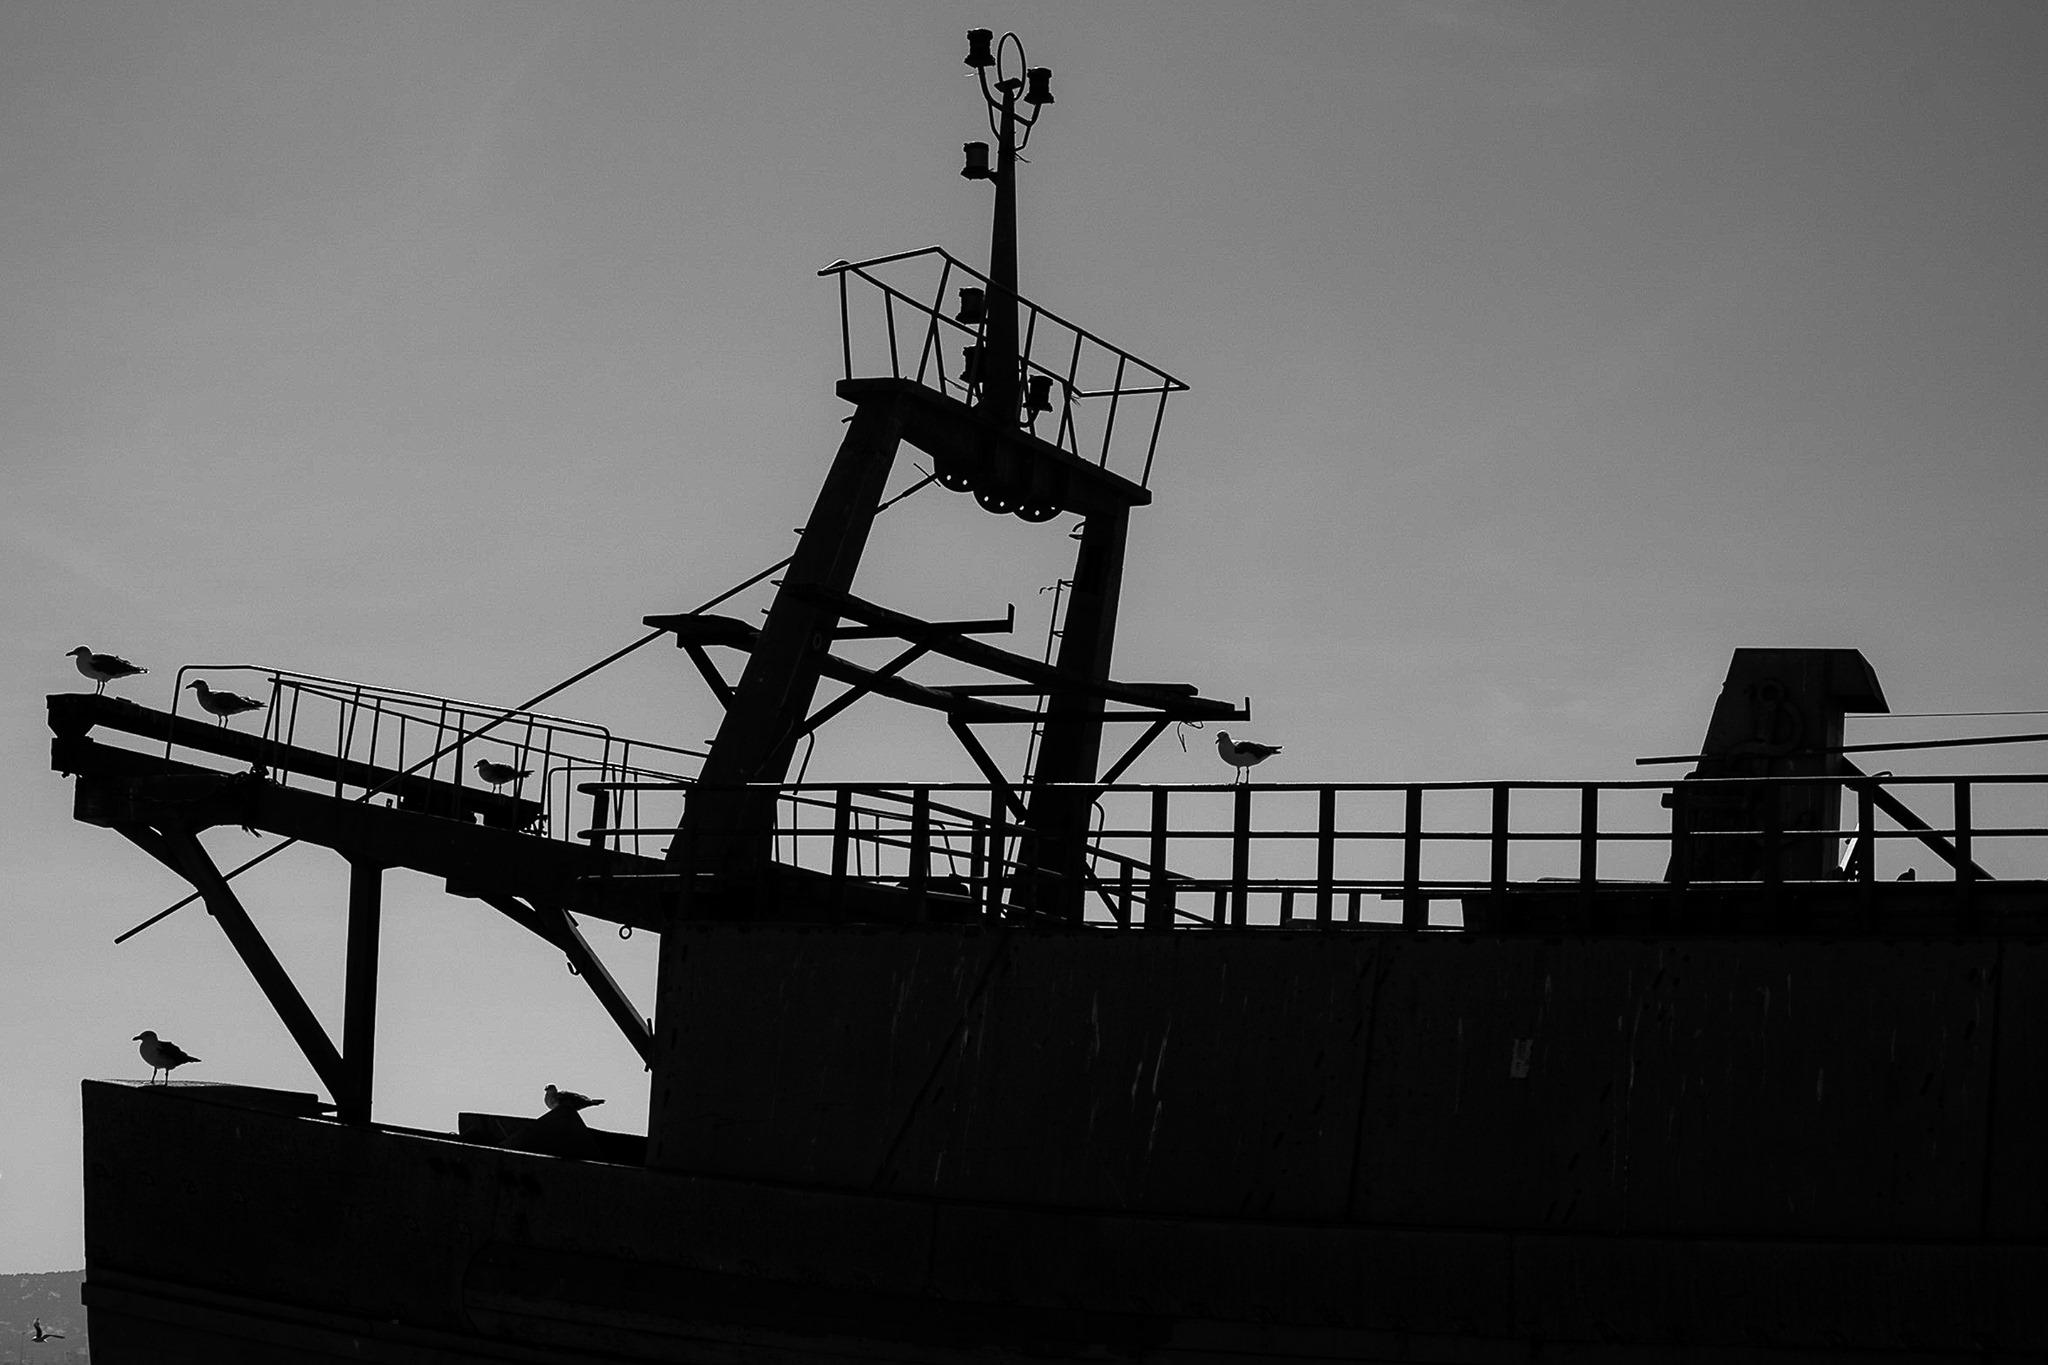 Les mouettes, Corfou, Ile de Grèce, Hubert Borderie, Atelier Focale 16, exposition photo à l'incontournable